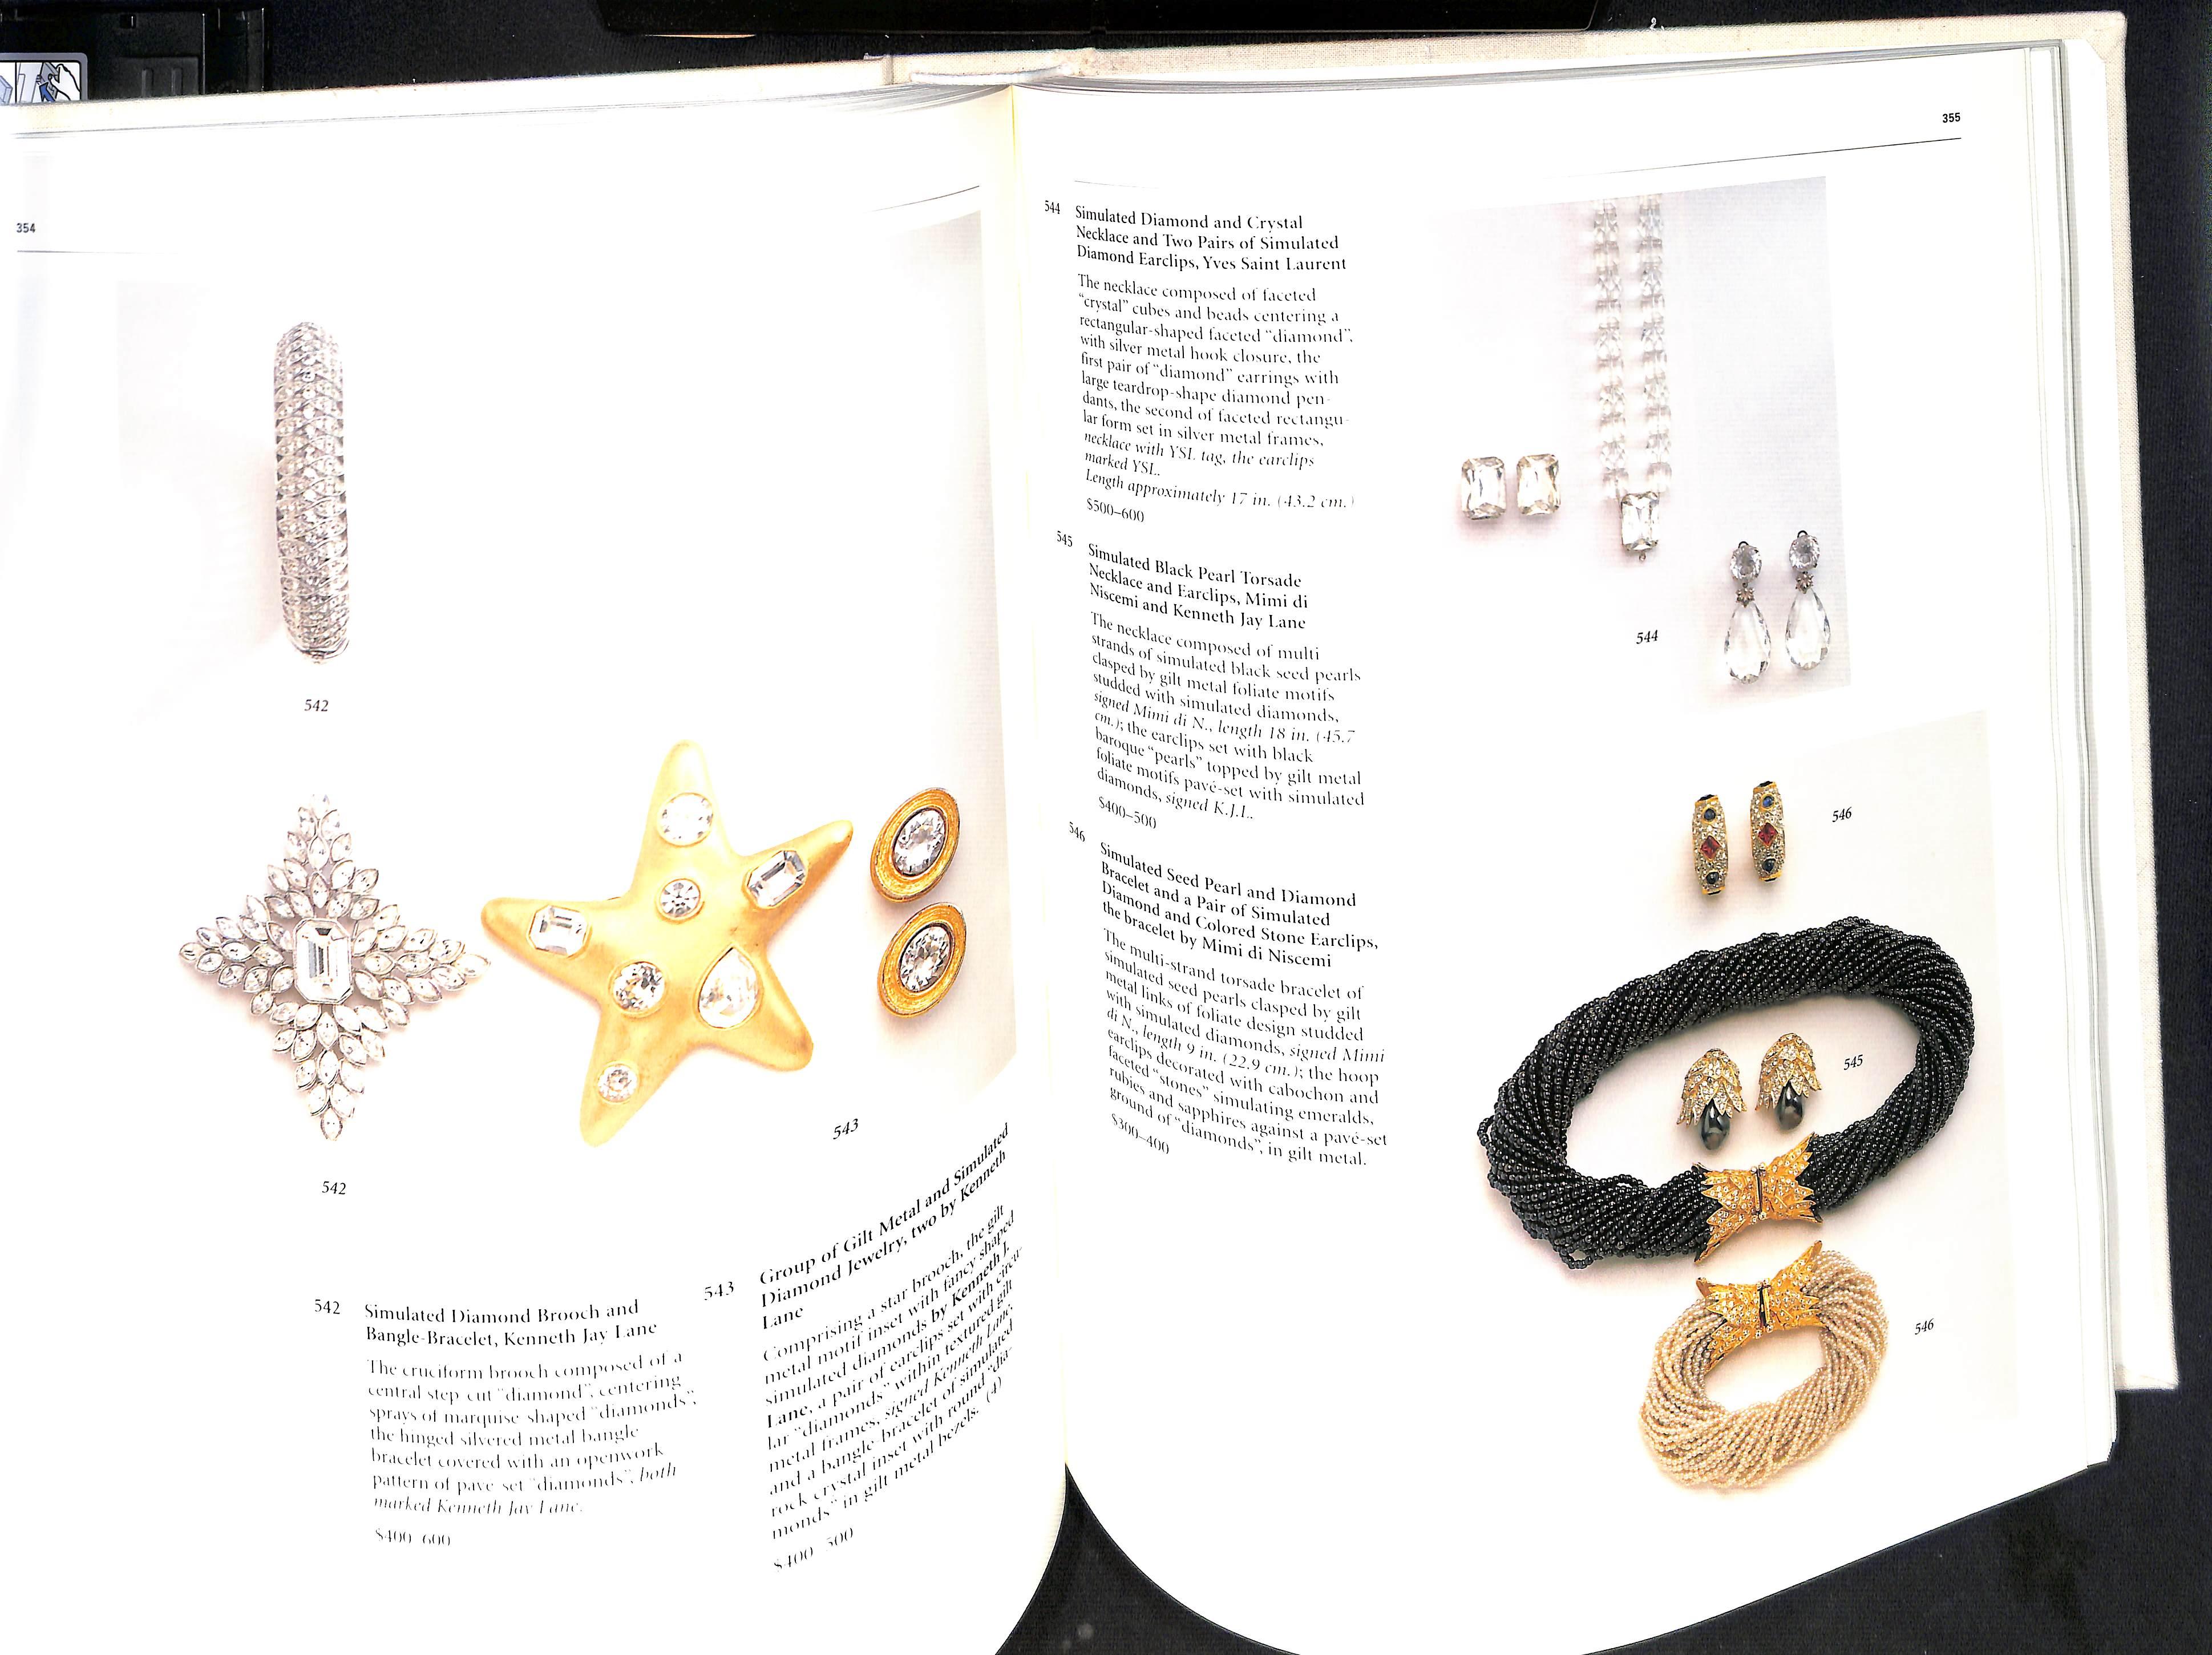 The Estate of Jacqueline Kennedy Onassis April 23-26 1996 Sothebys Hardback pages 584 - Image 4 of 10